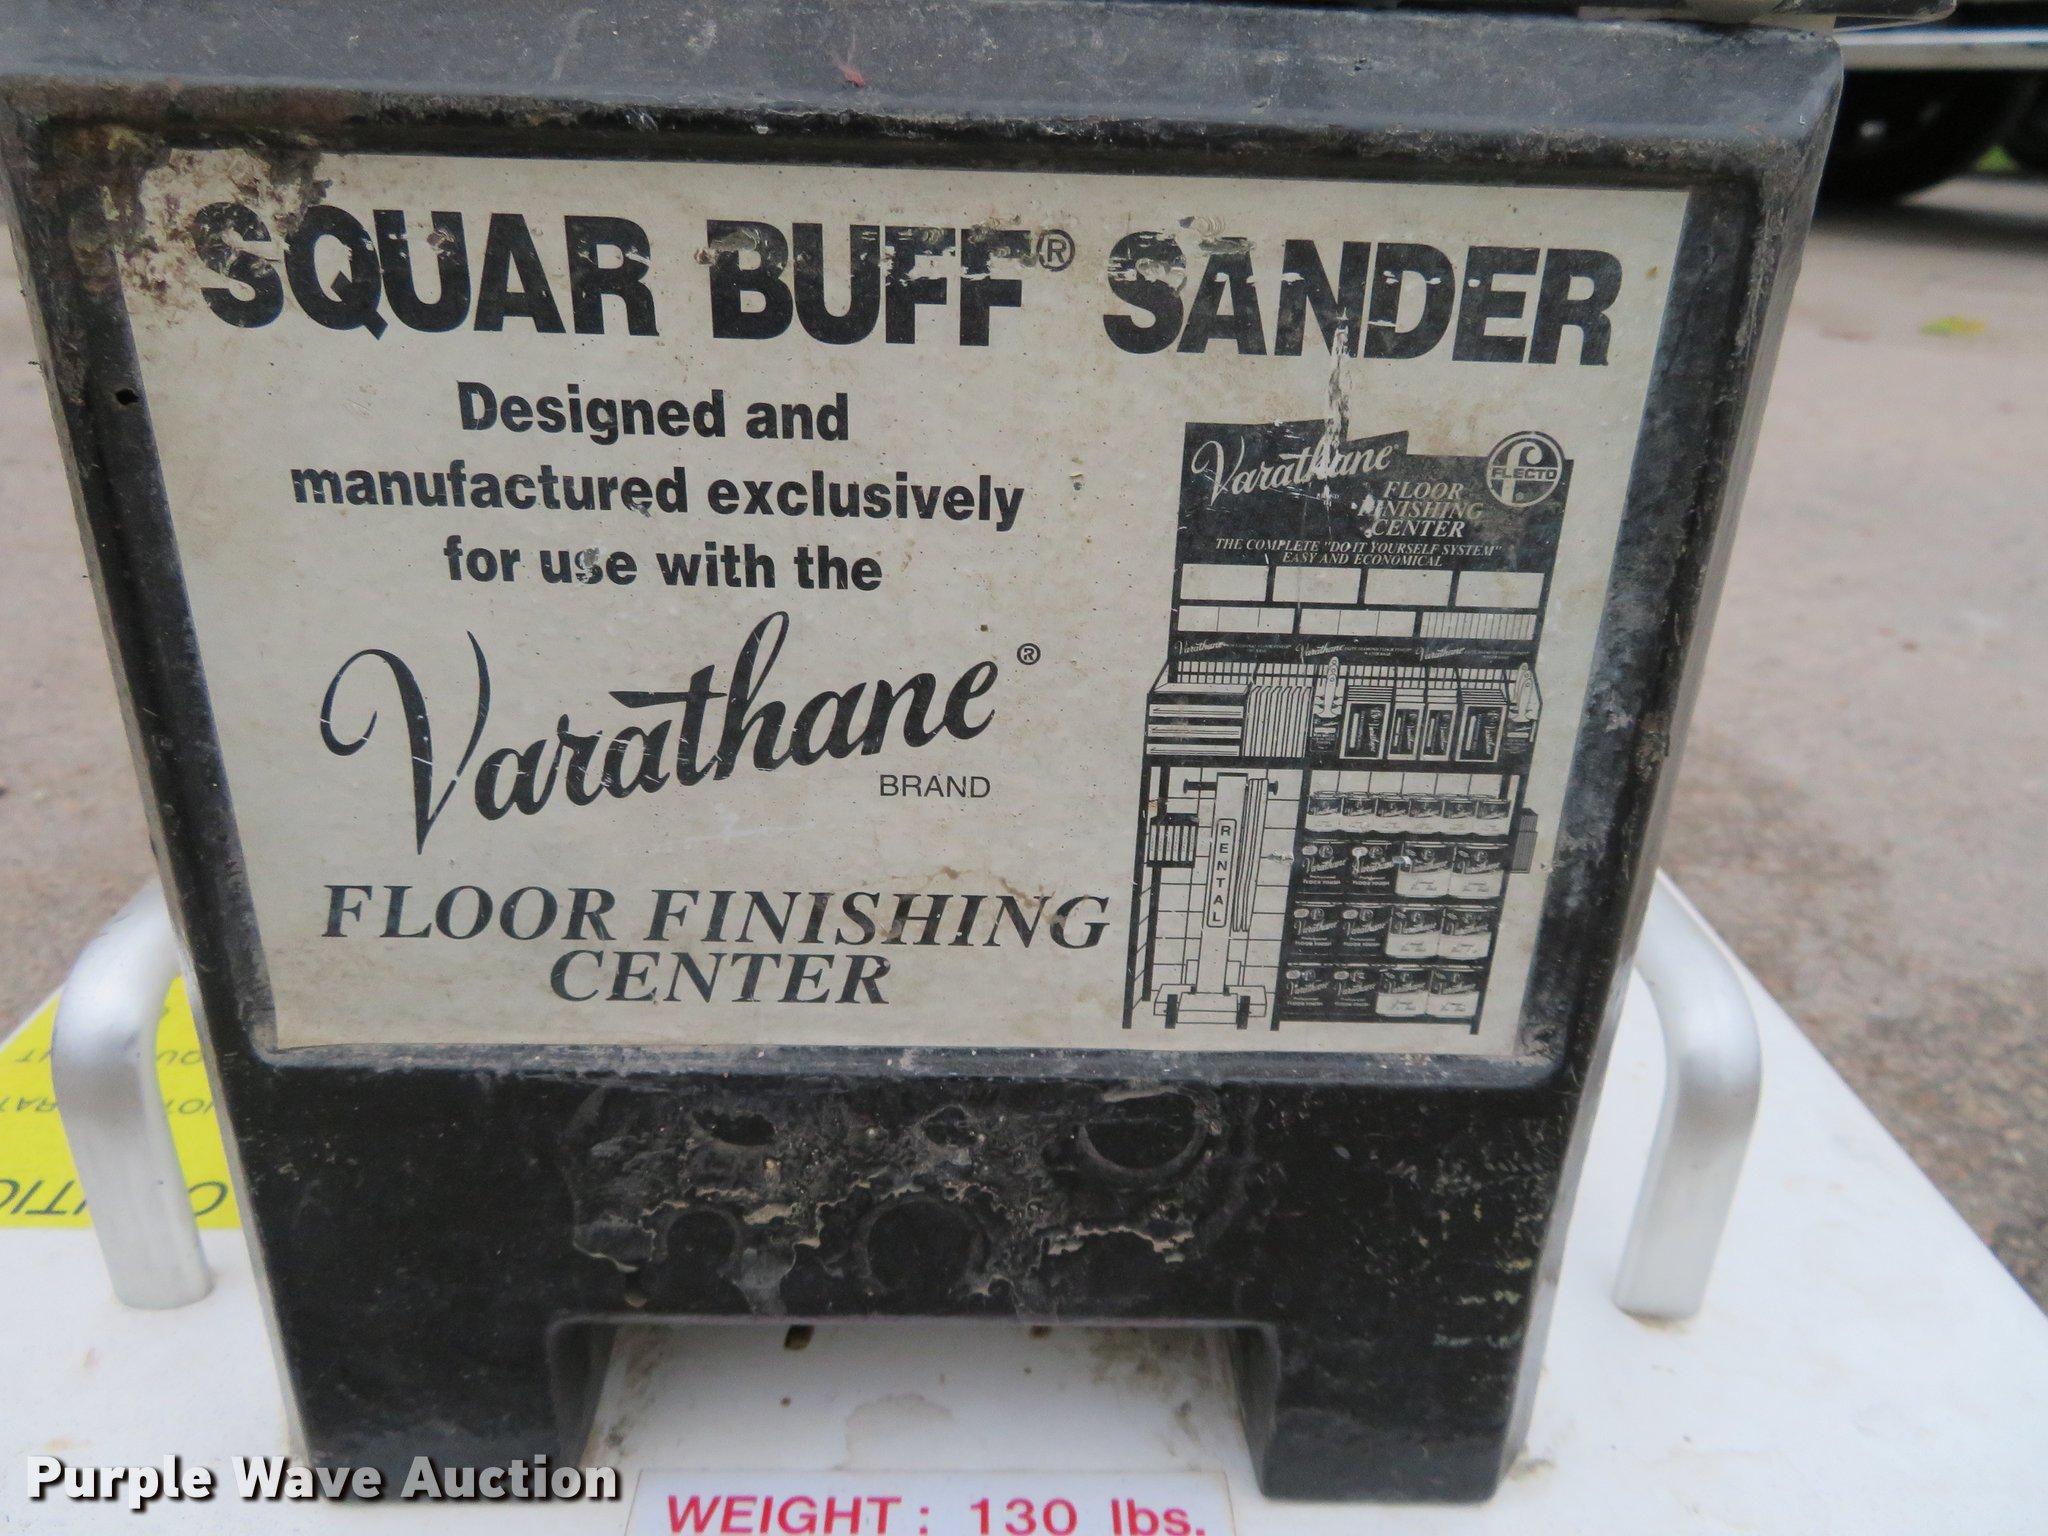 Square Buff Floor Finishing Sander Item Di9882 10 25 2017